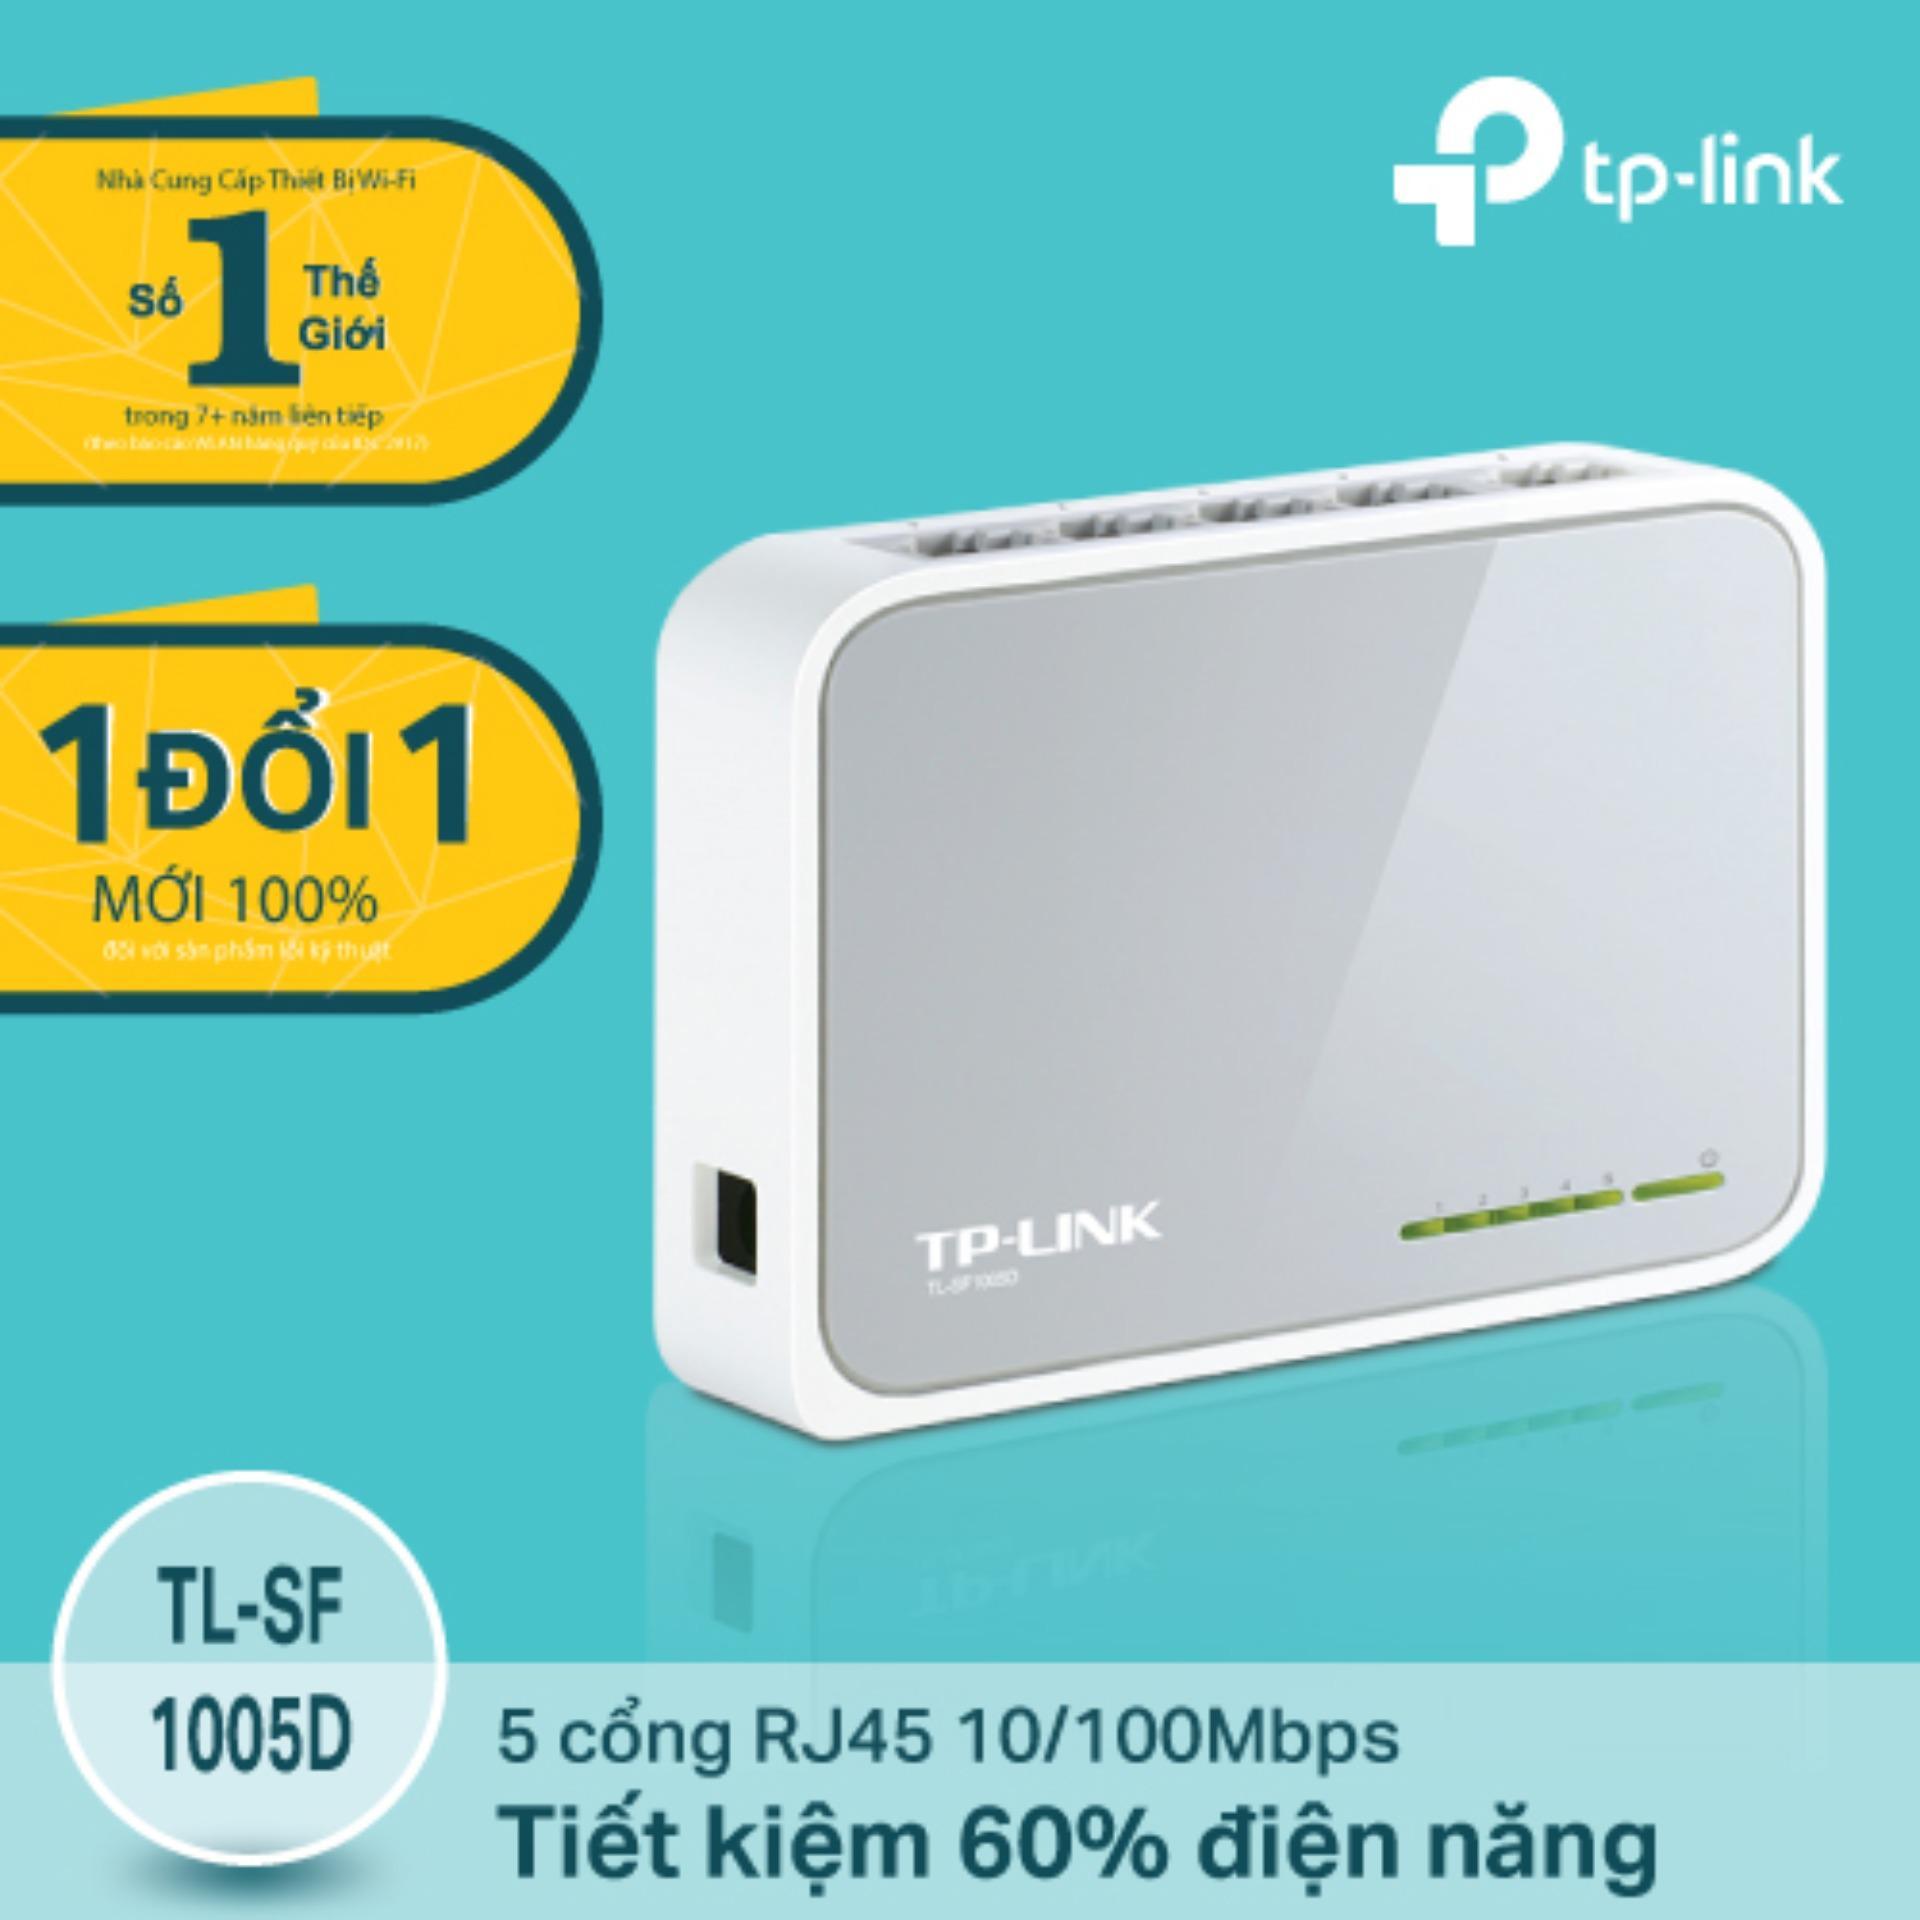 Mua Tp Link Tl Sf1005D Switch 10 100Mbps 5 Cổng Để Ban Hang Phan Phối Chinh Thức Trong Hồ Chí Minh